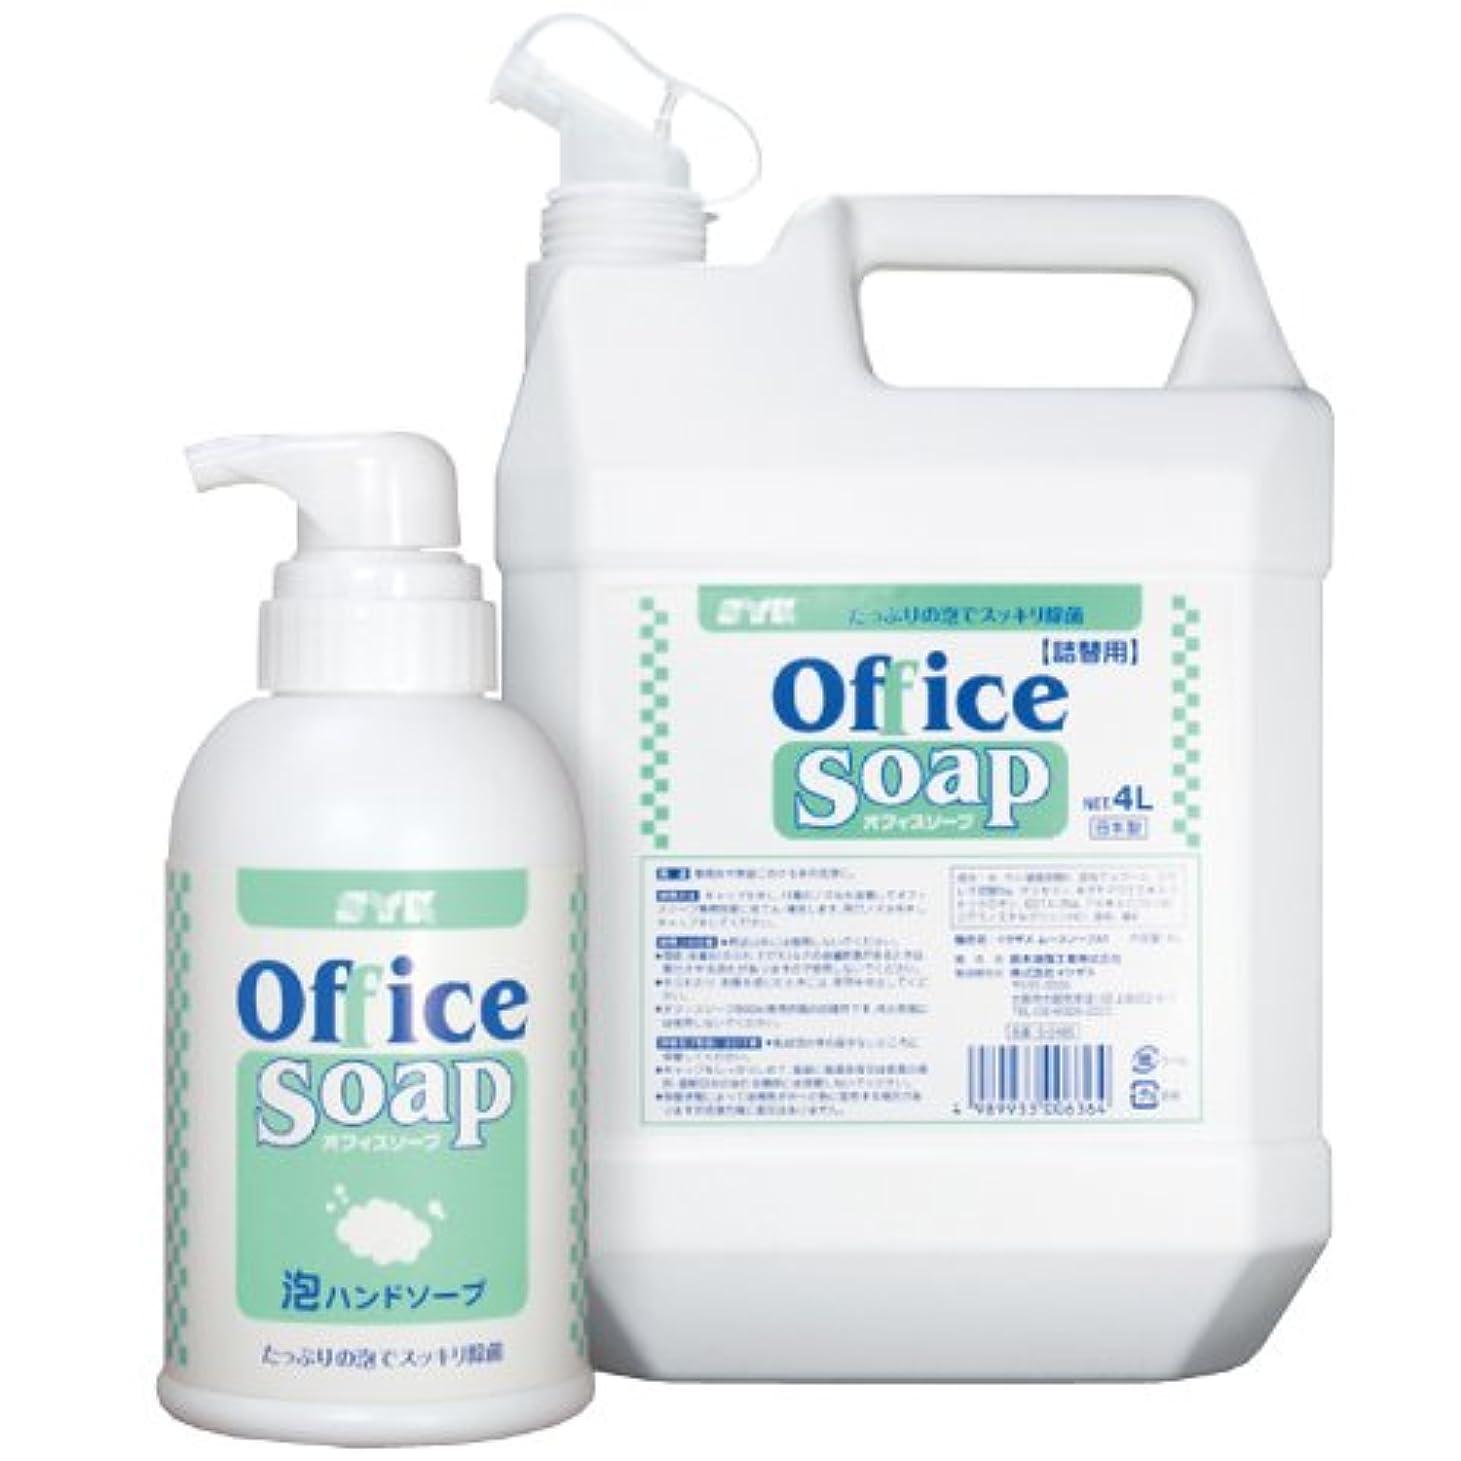 トーン無意識キャスト鈴木油脂 事務所用手洗い洗剤 業務用 オフィスソープ ポンプ入 780ml×3本